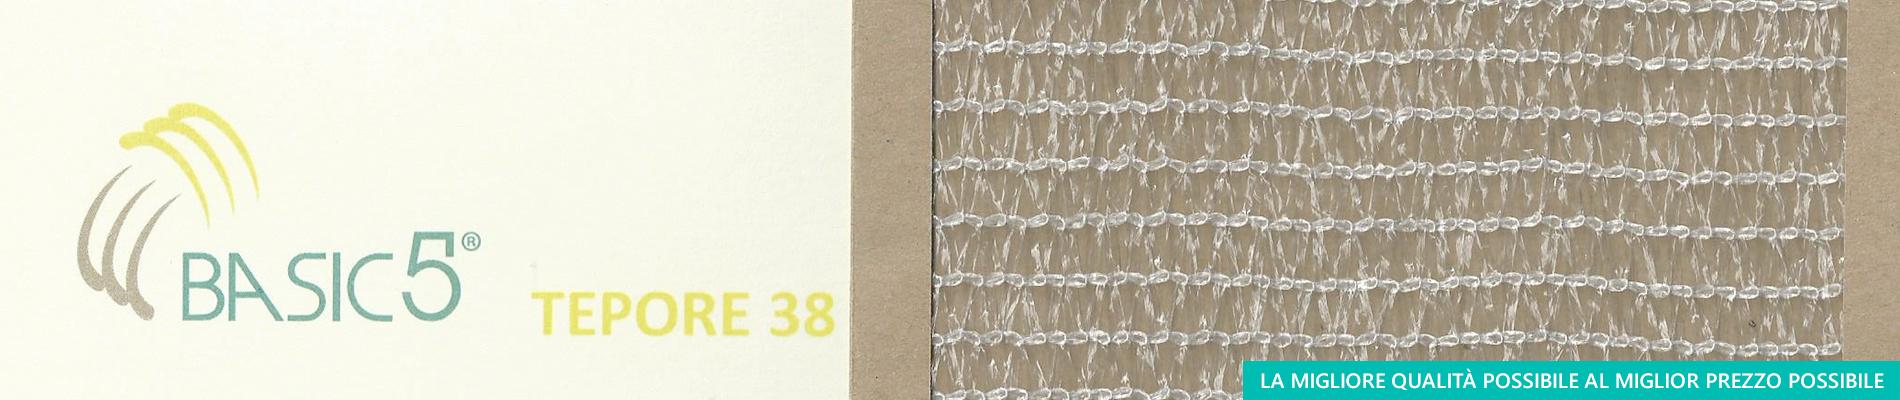 Rete Protezione BASIC5 Tepore